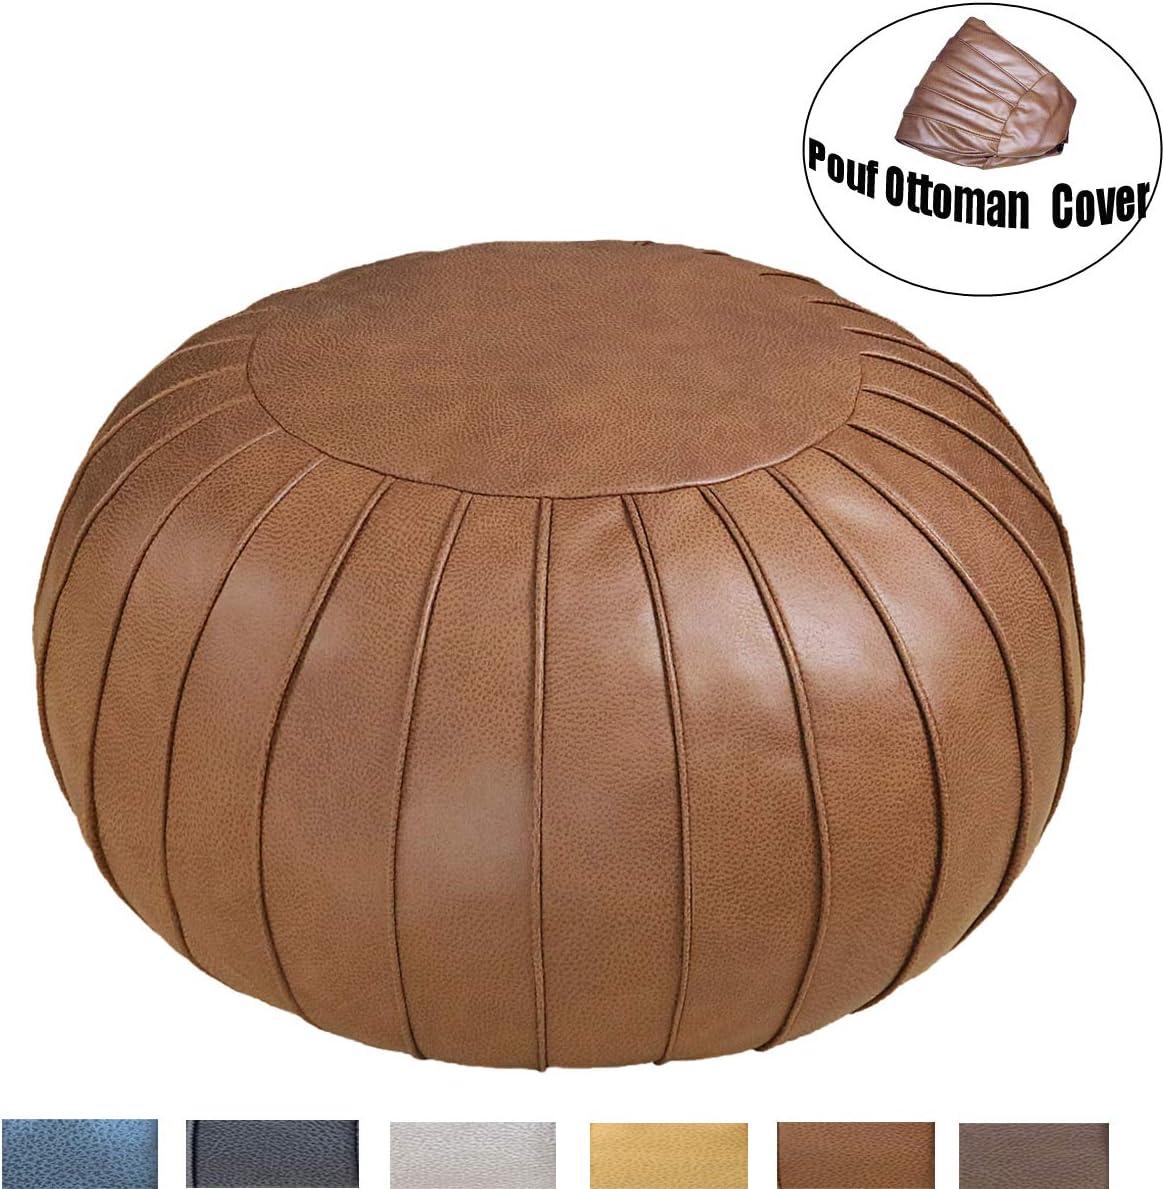 Thgonwid Handmade Suede Pouf Footstool Ottoman Faux Leather Poufs 23